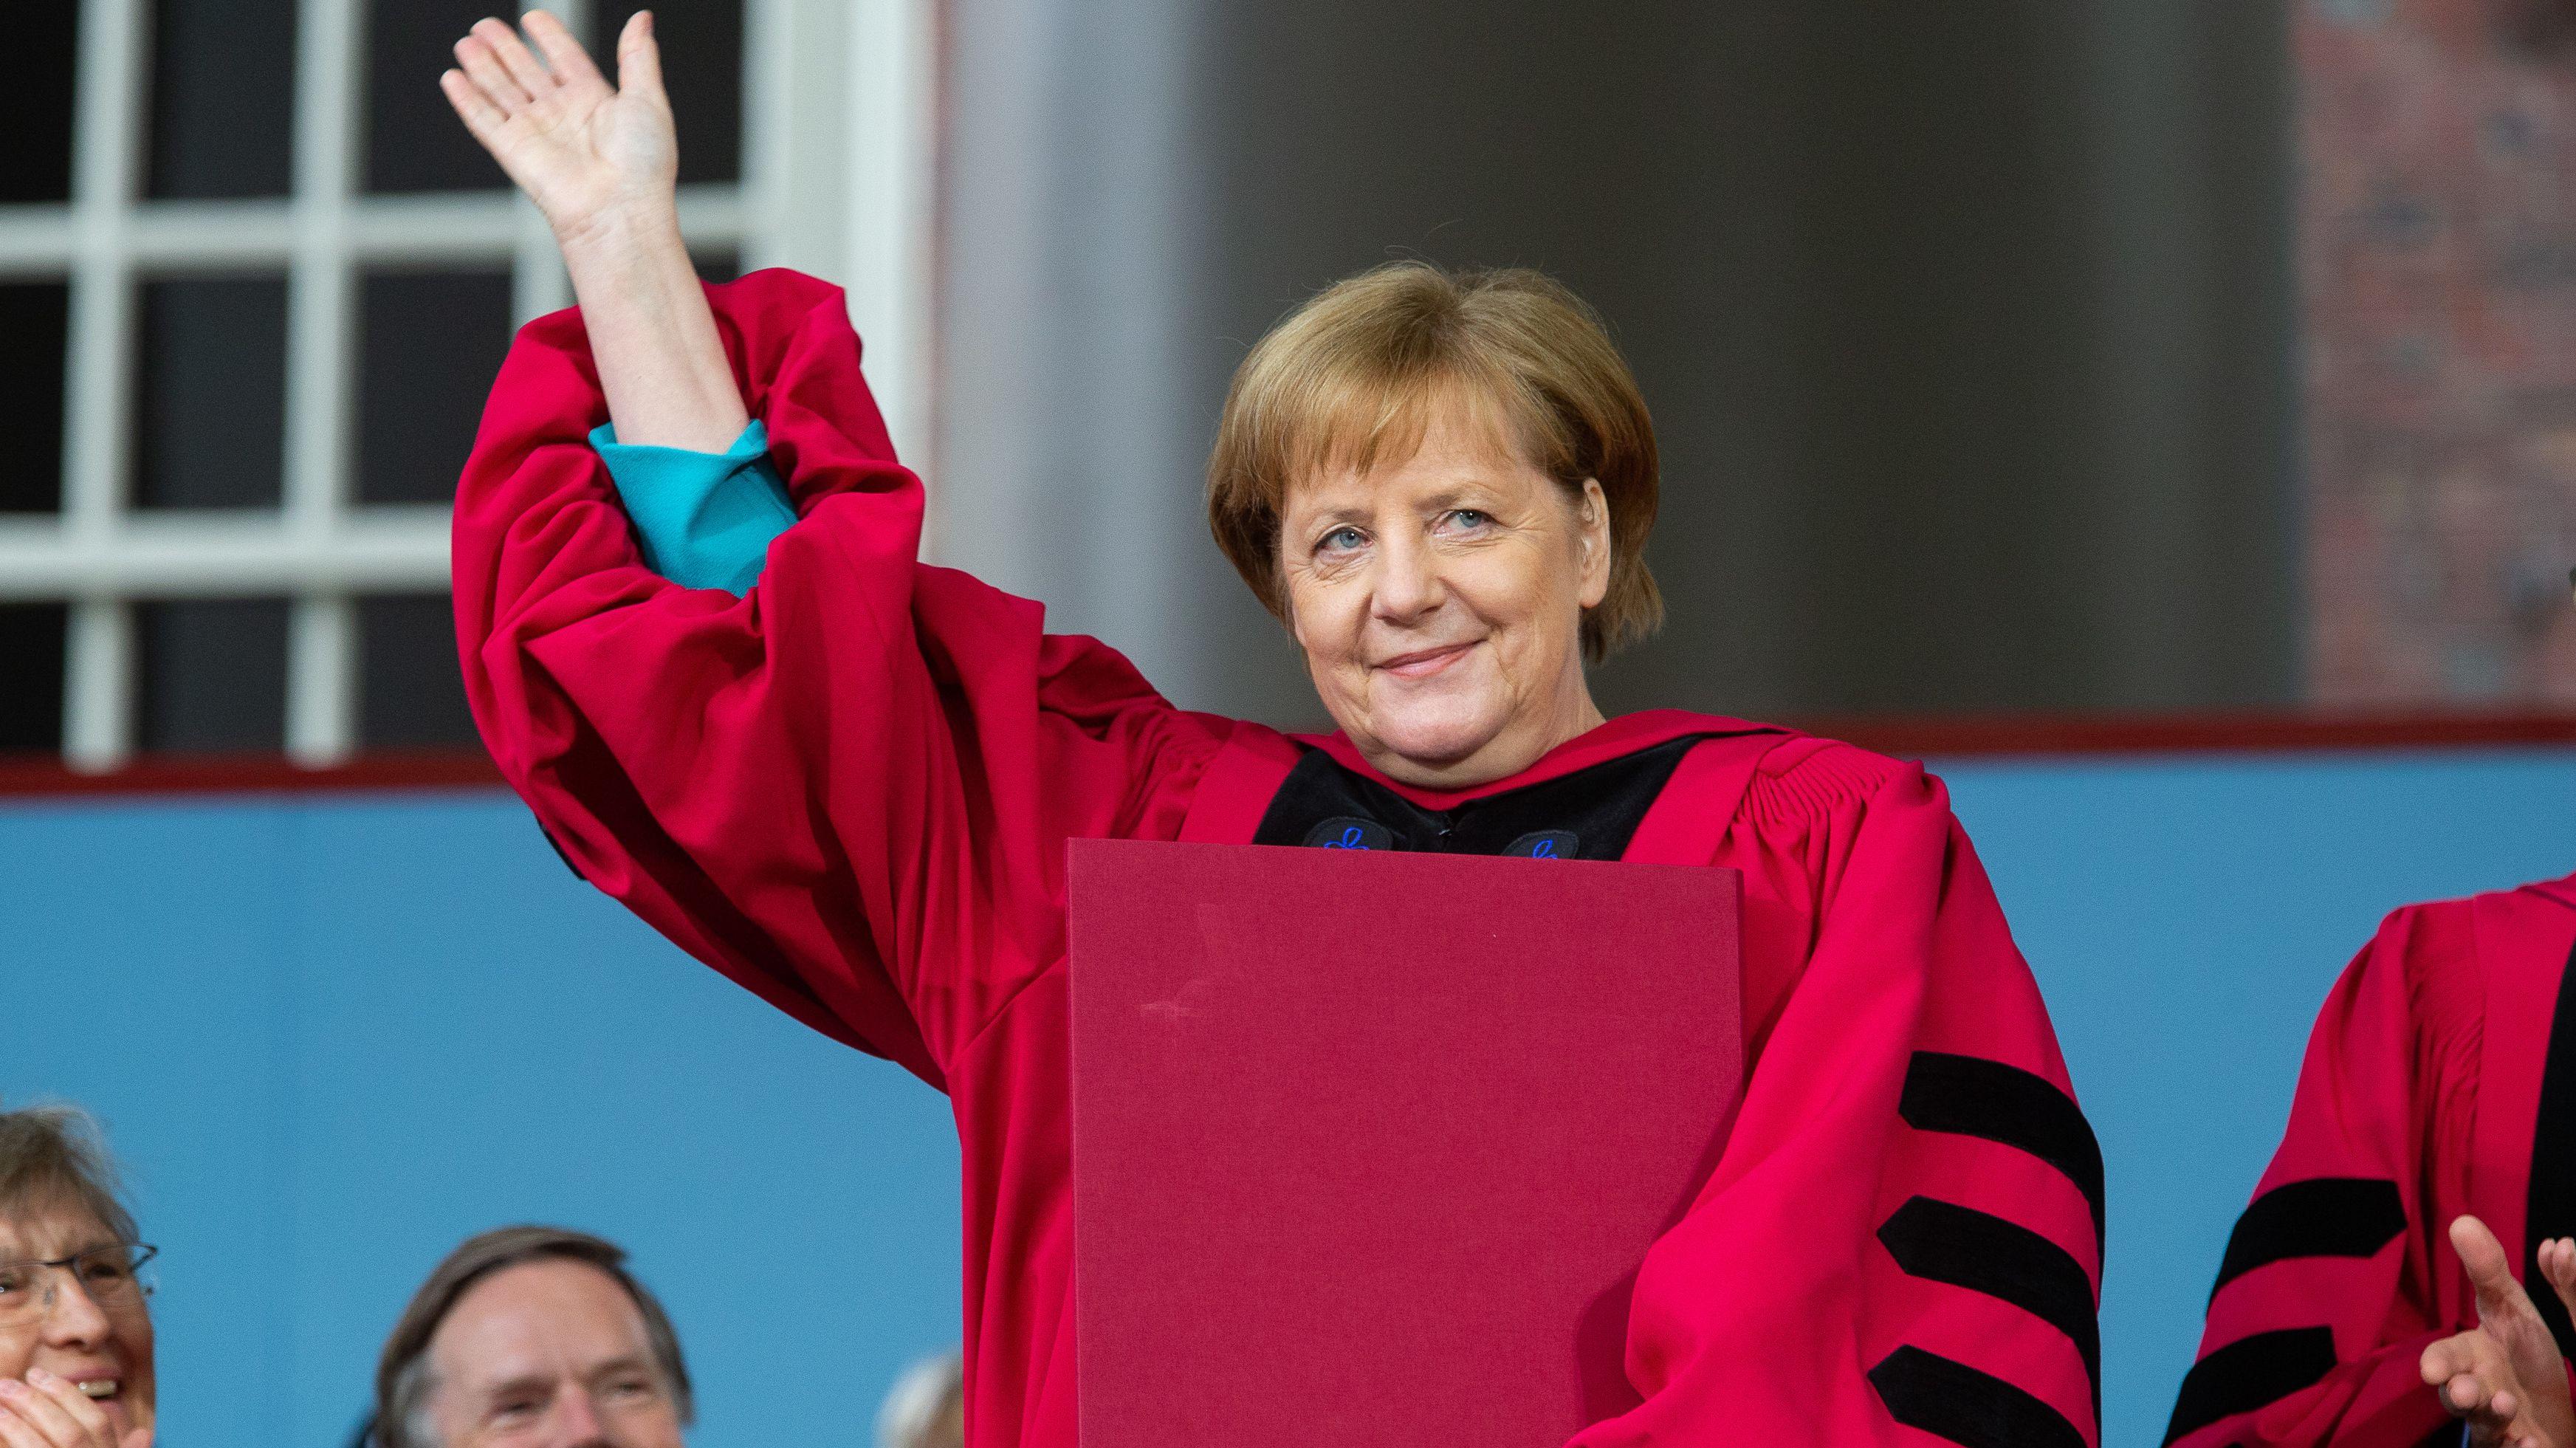 Kanzlerin Merkel erhält Ehrendoktorwürde in der Elite-Uni Harvard